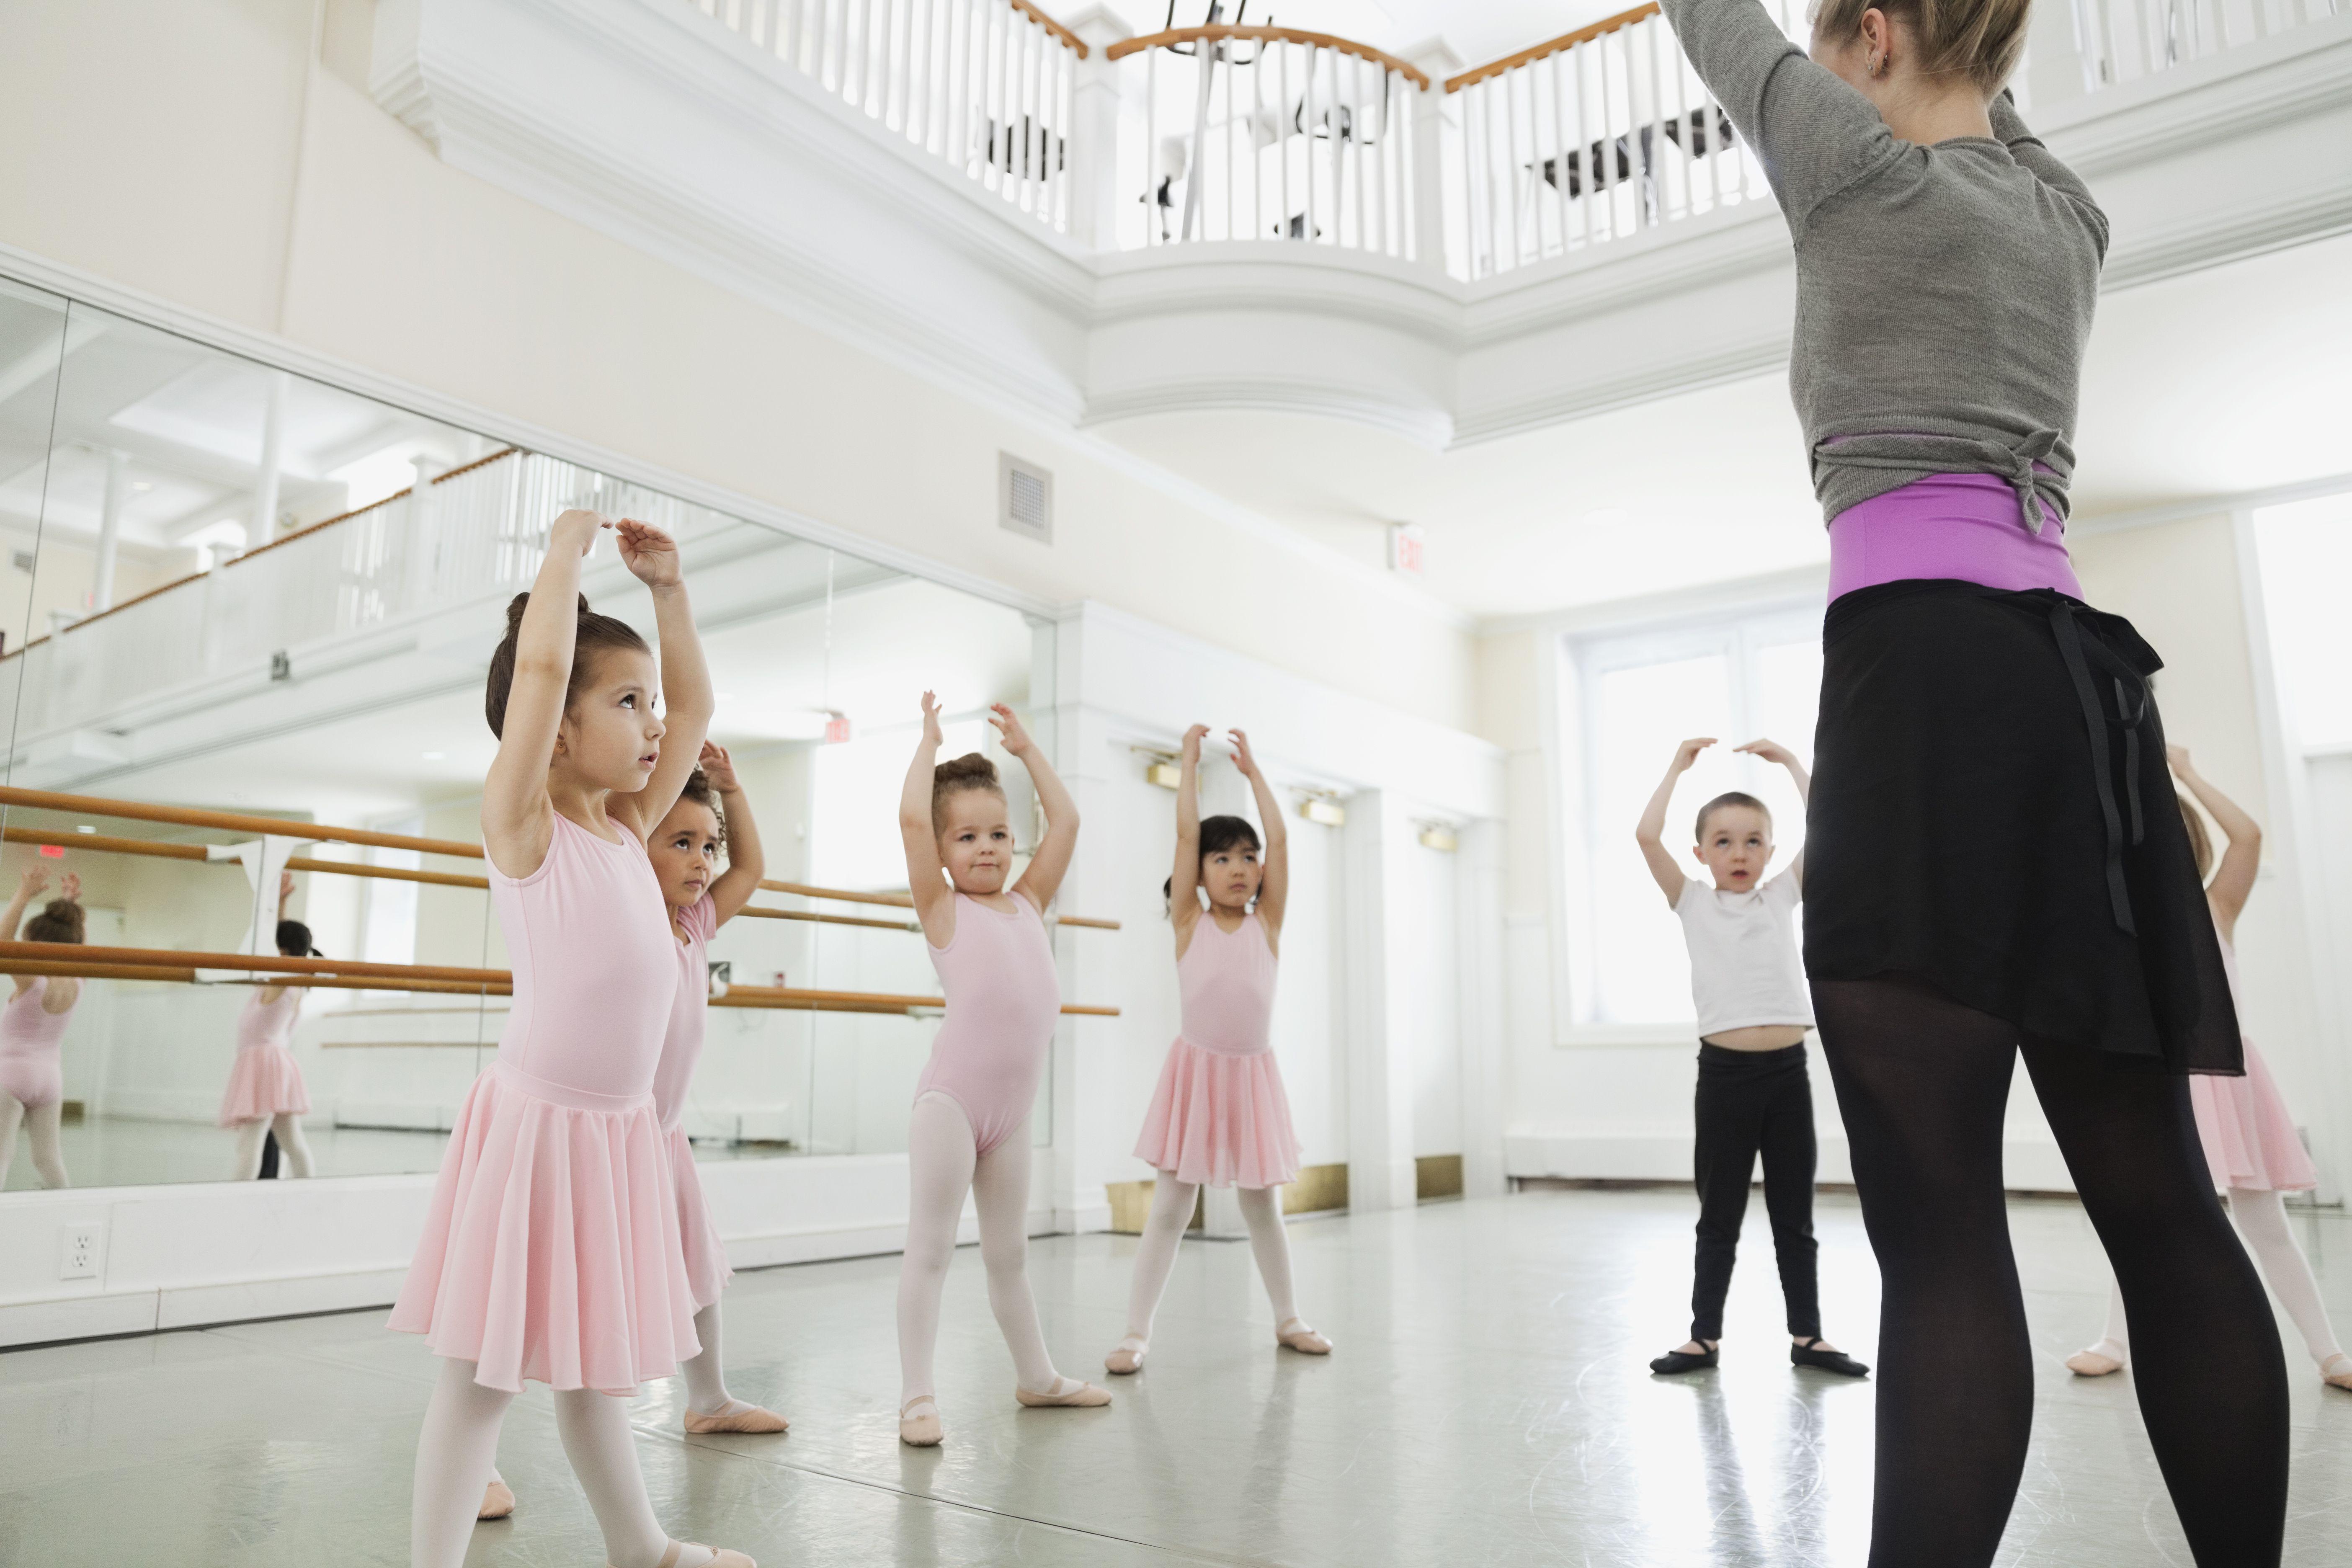 Female ballet instructor teaching children in ballet studio